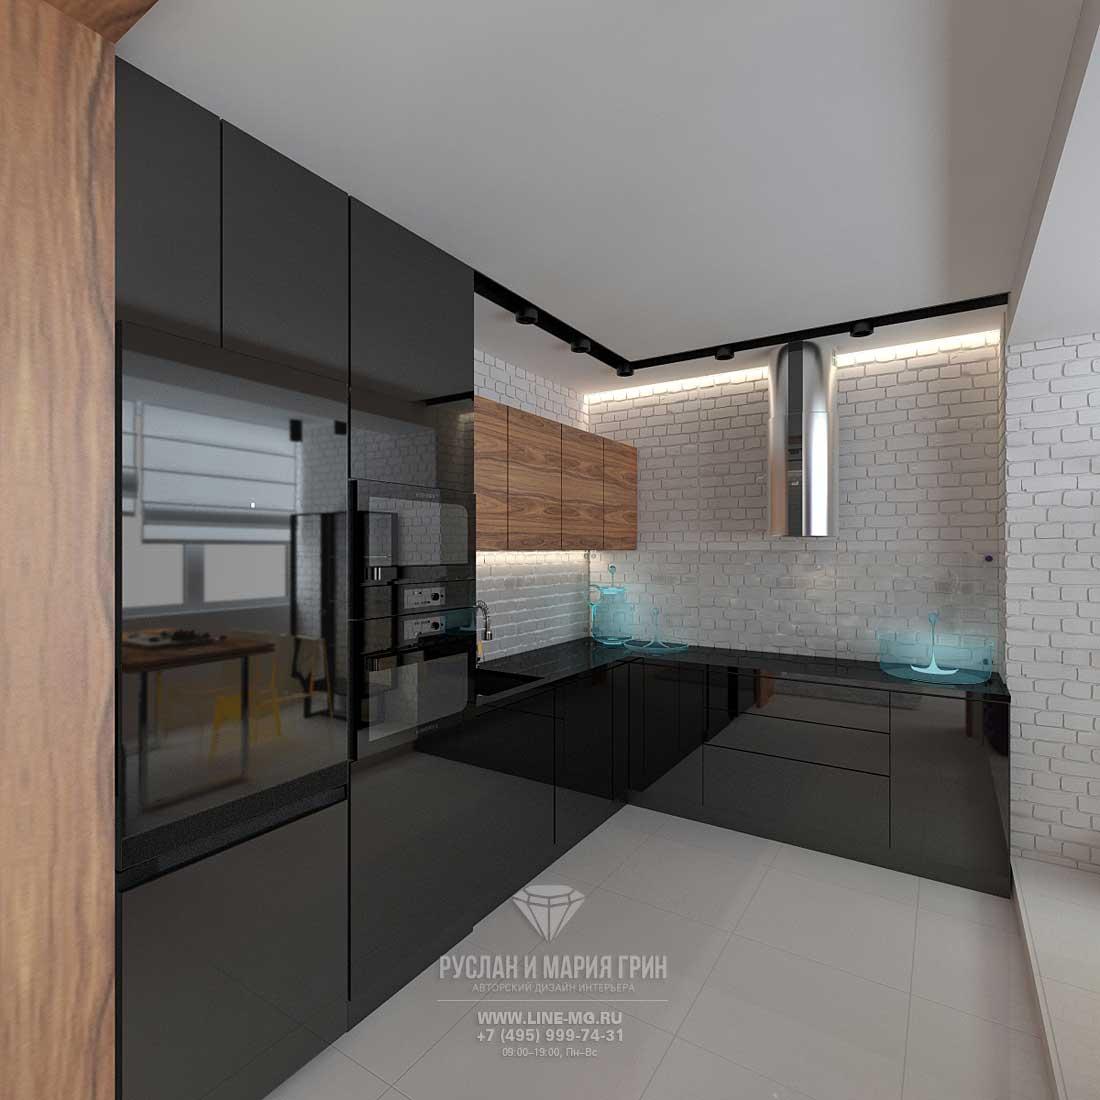 Дизайн кухни в черно-белый глянец